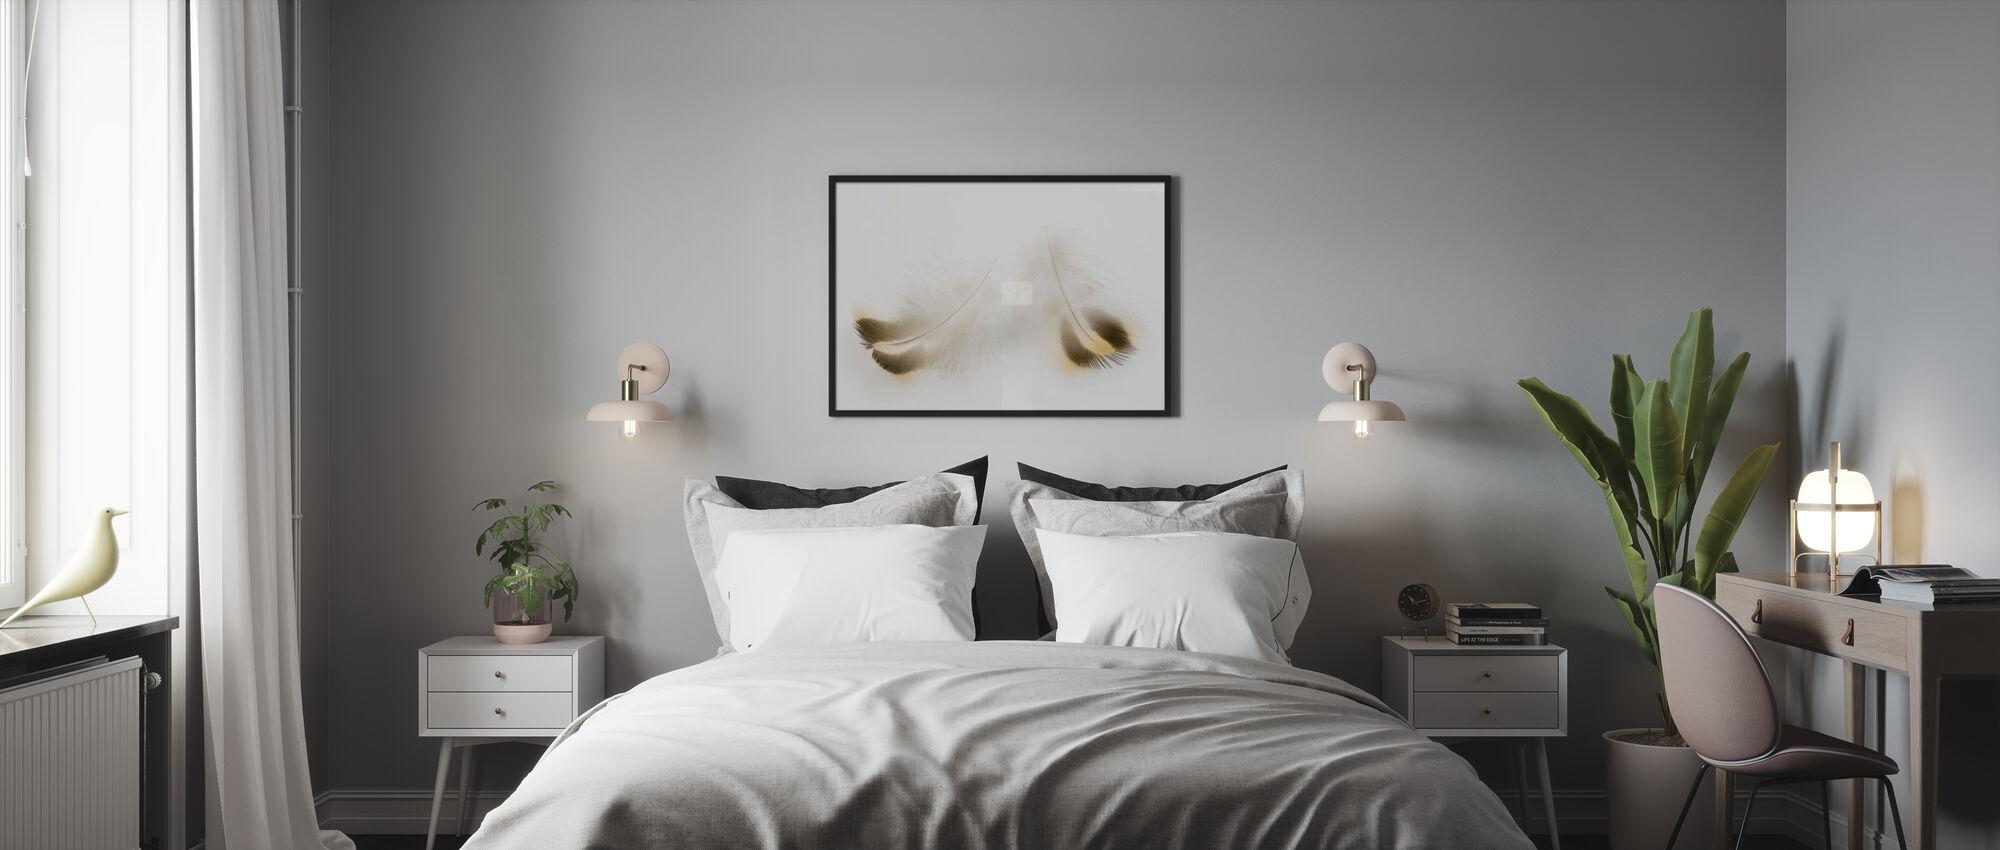 Paar Veren - Ingelijste print - Slaapkamer